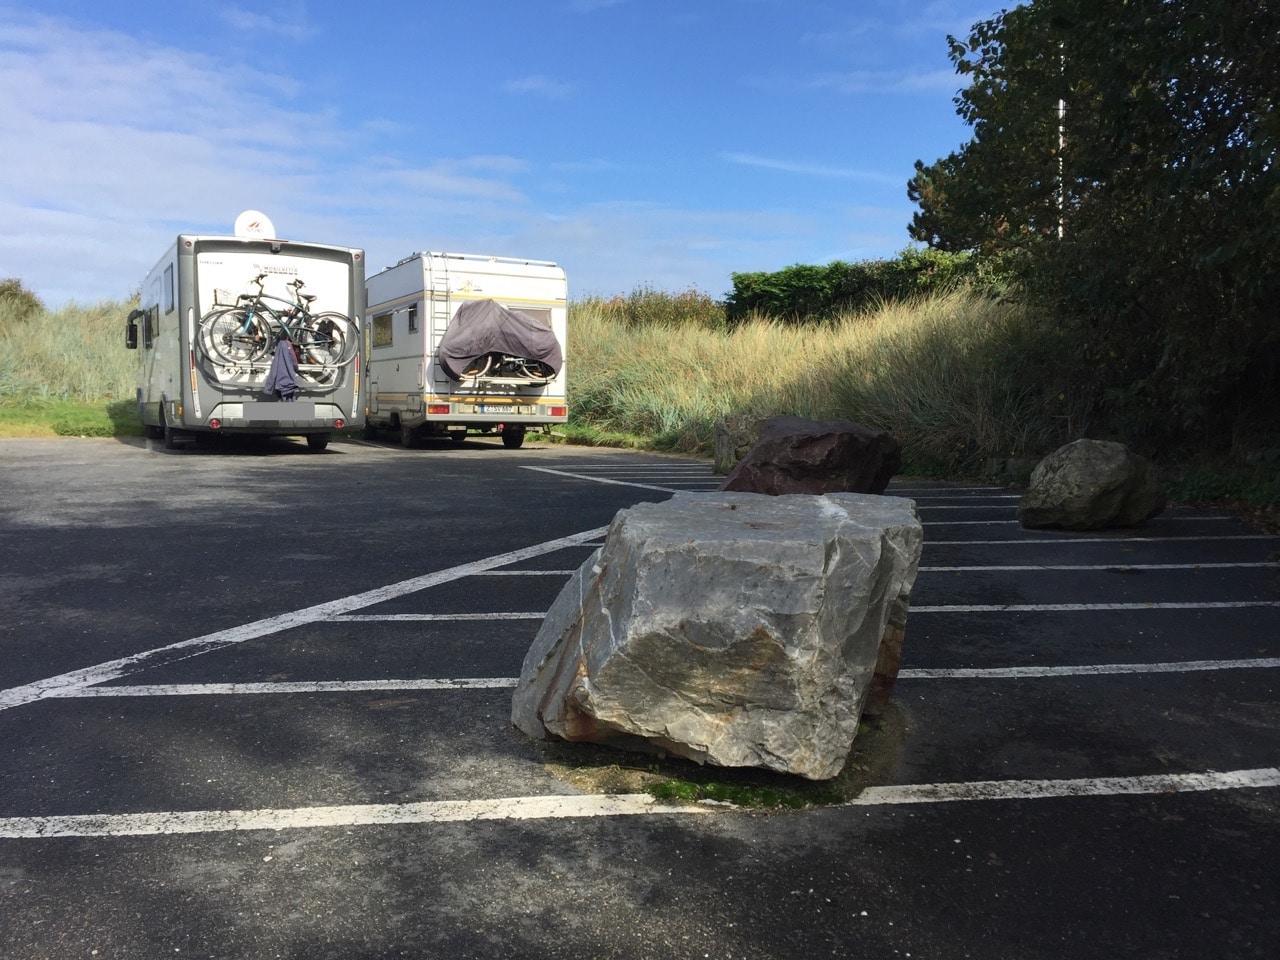 Im Vordergrund ein Stein, im Hintergrund zwei neben einander stehende Wohnmobile vor einer Düne.